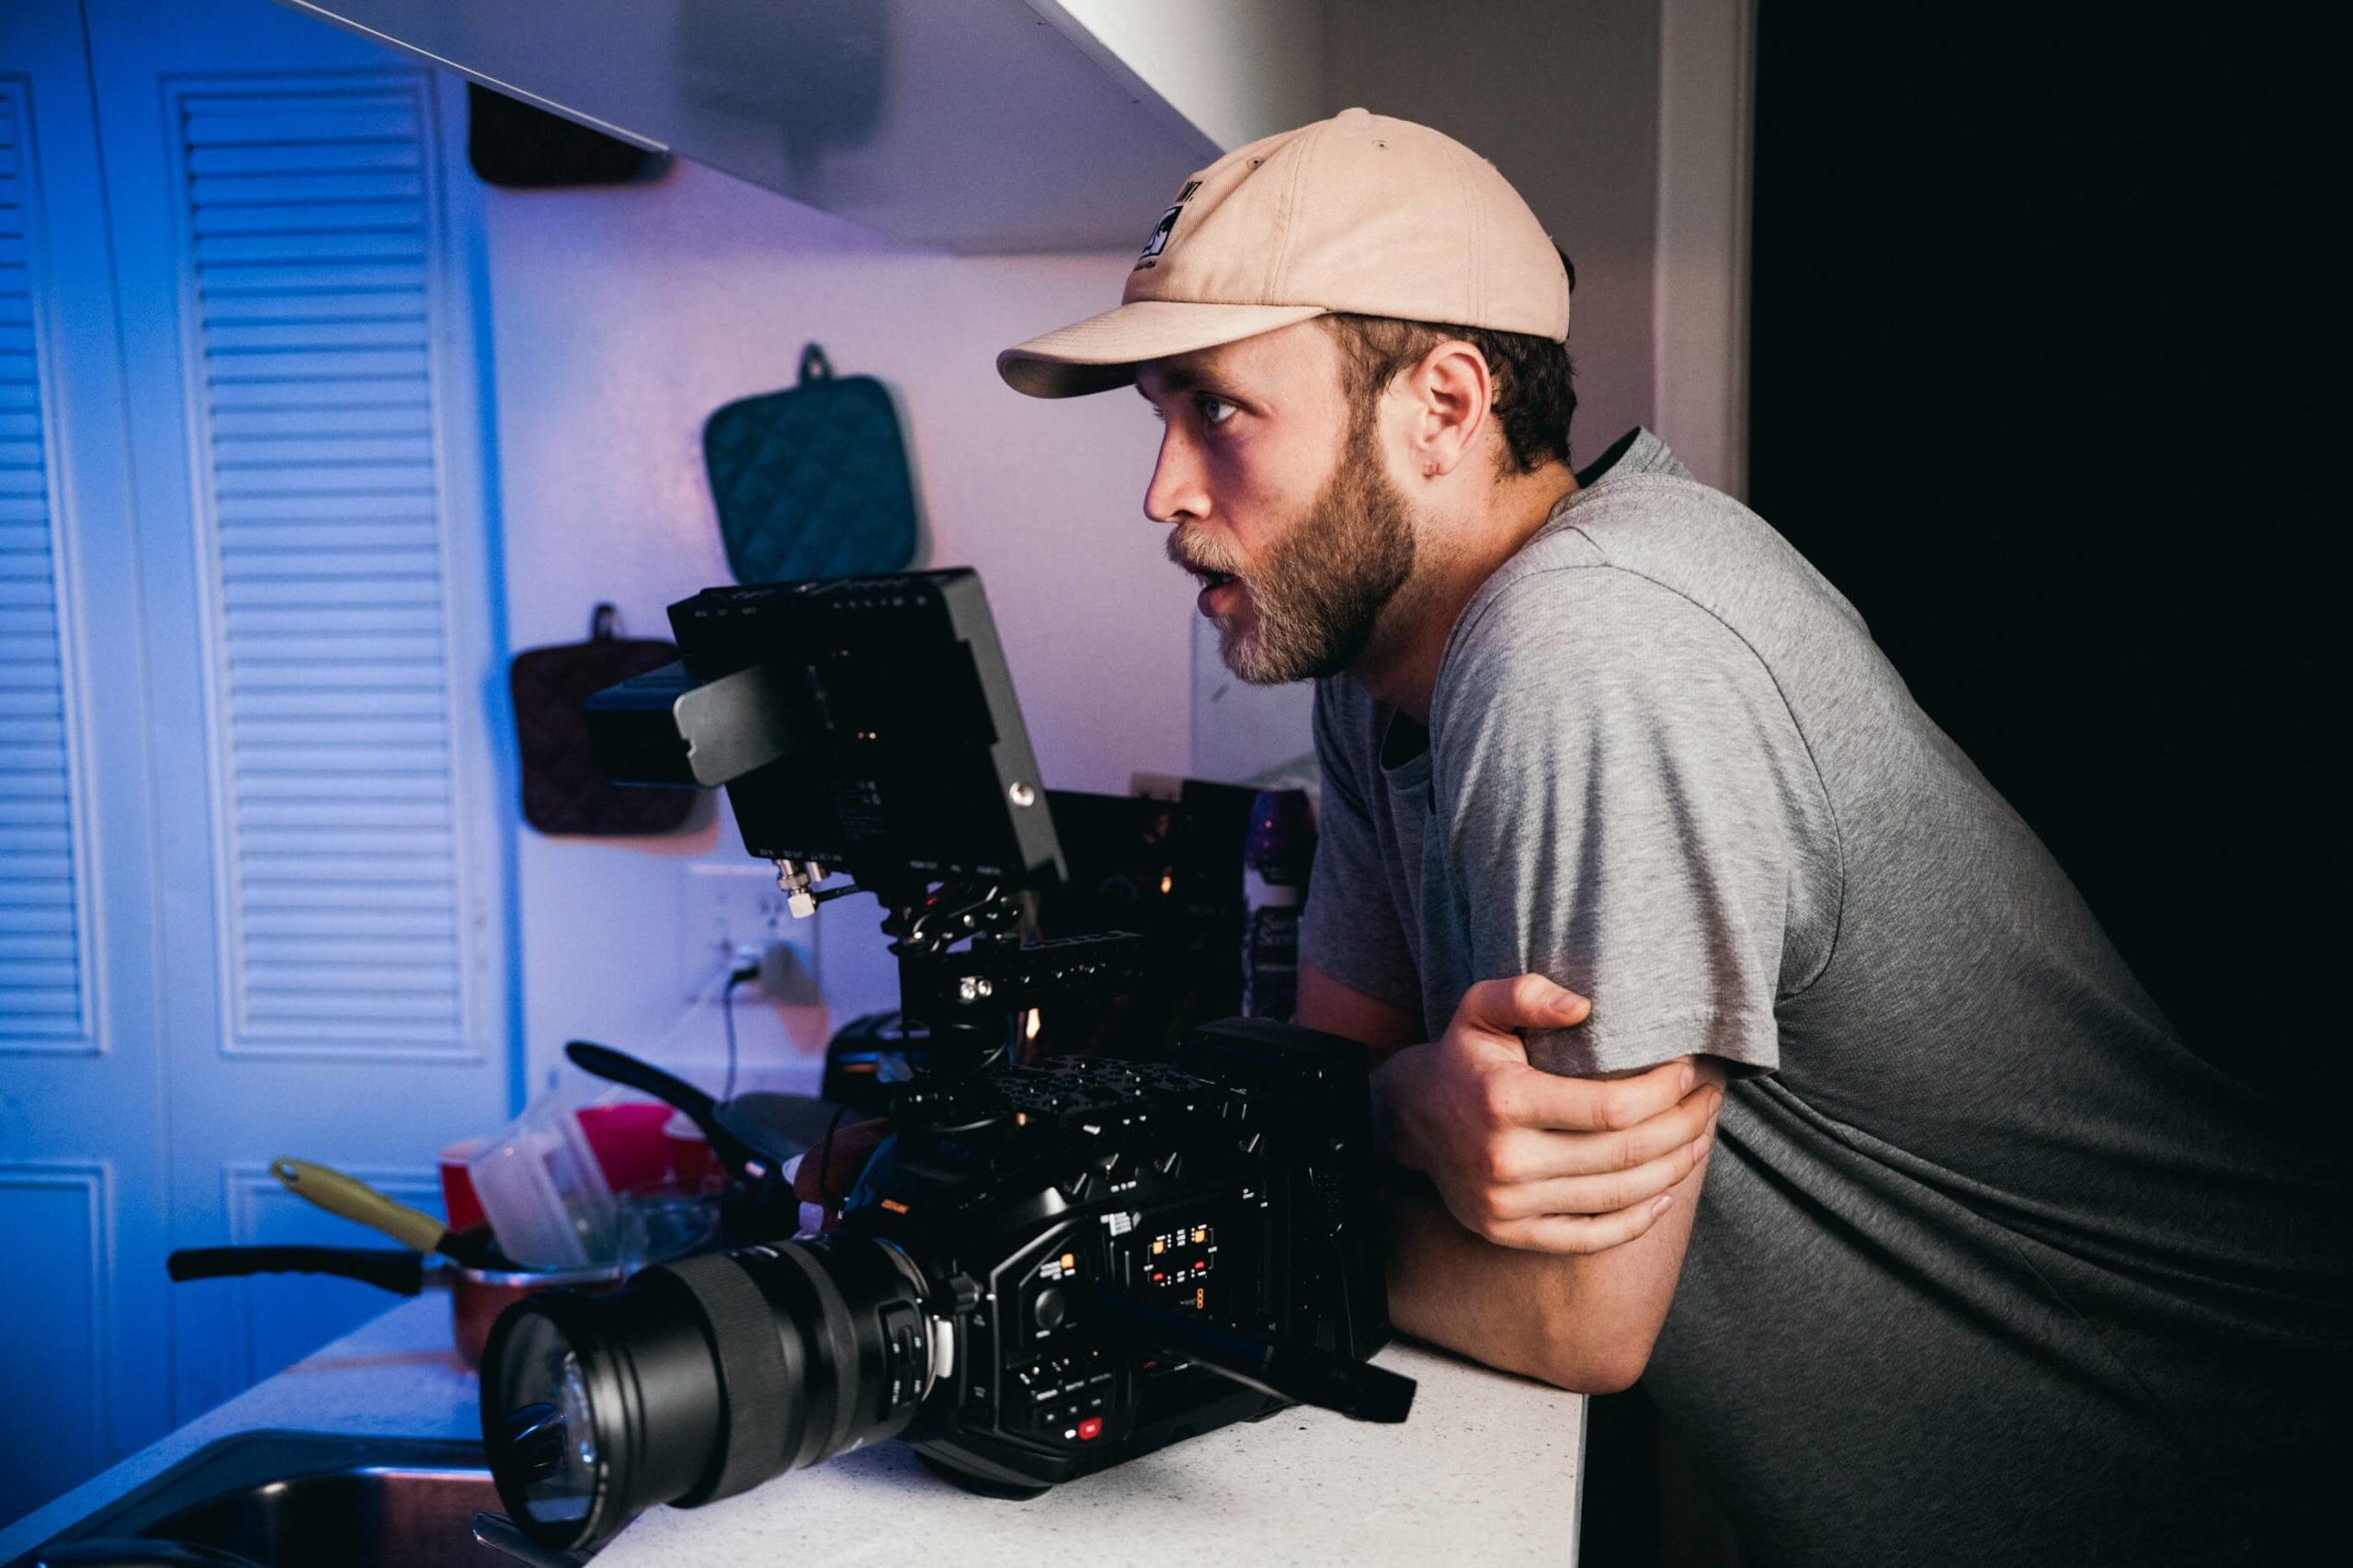 映像制作に必要なスキルは?初心者向けに解説します!